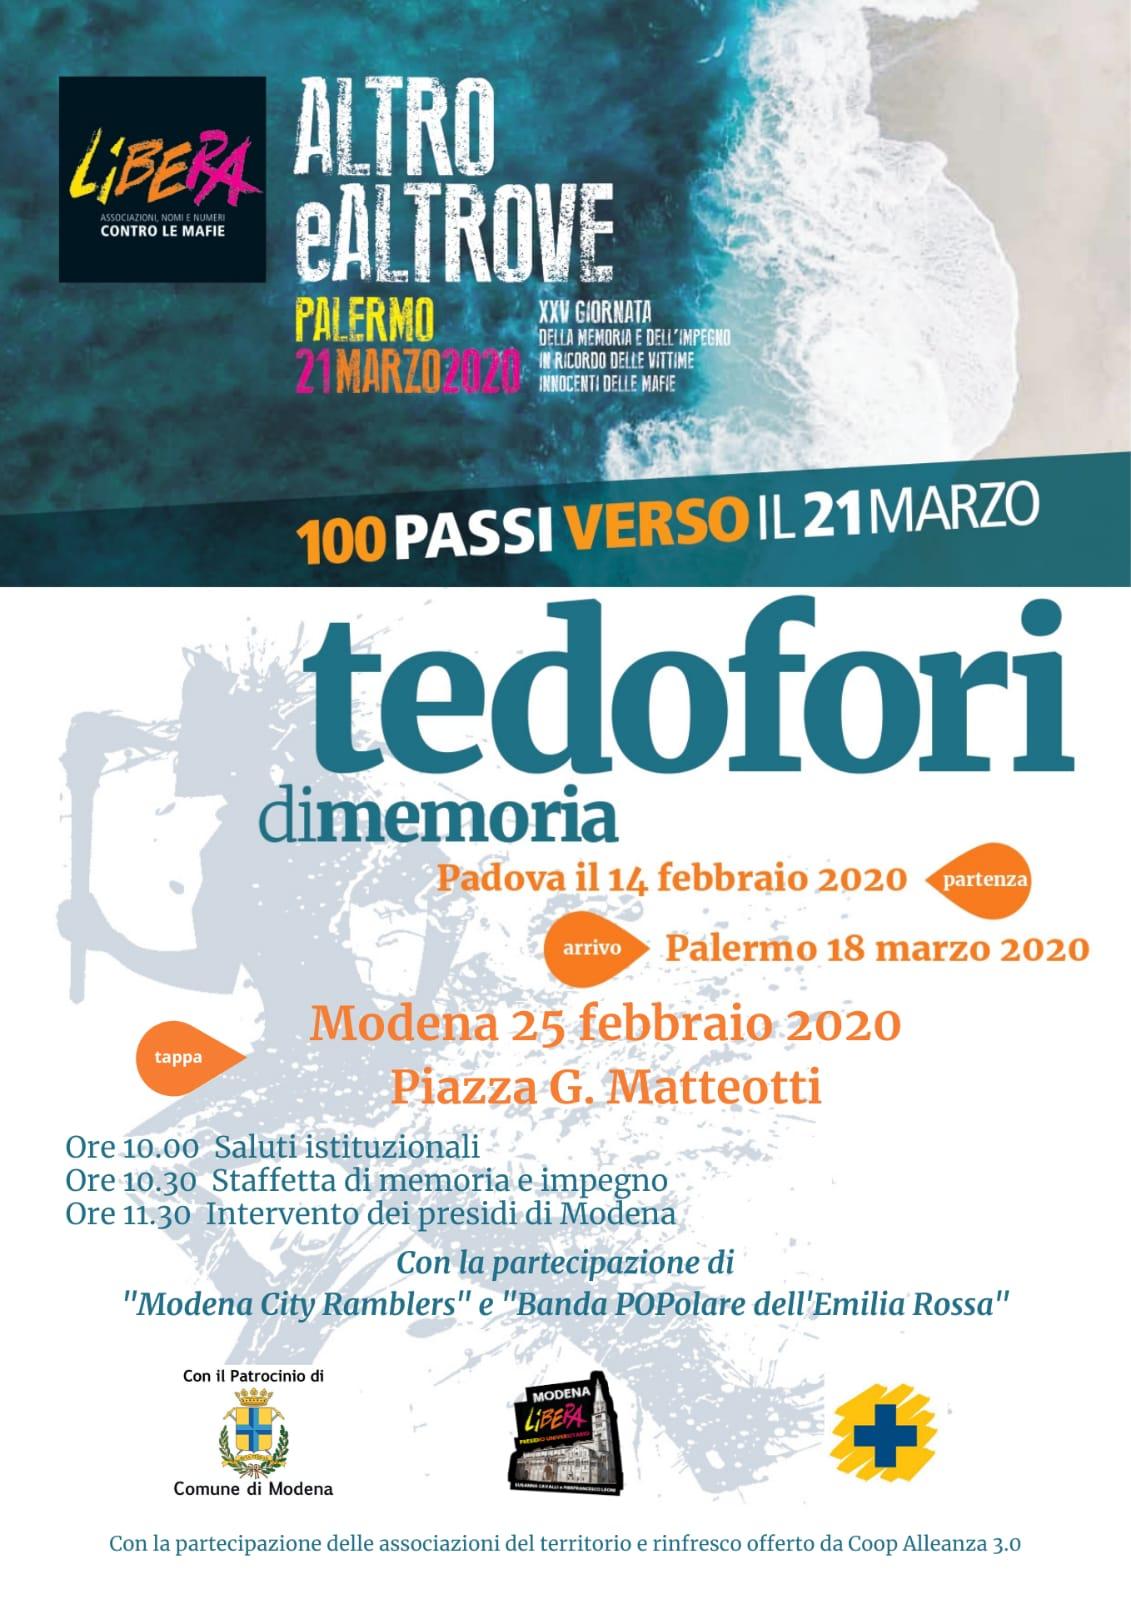 25 febbraio a Modena tedofori di memoria 100 passi verso il 21 marzo